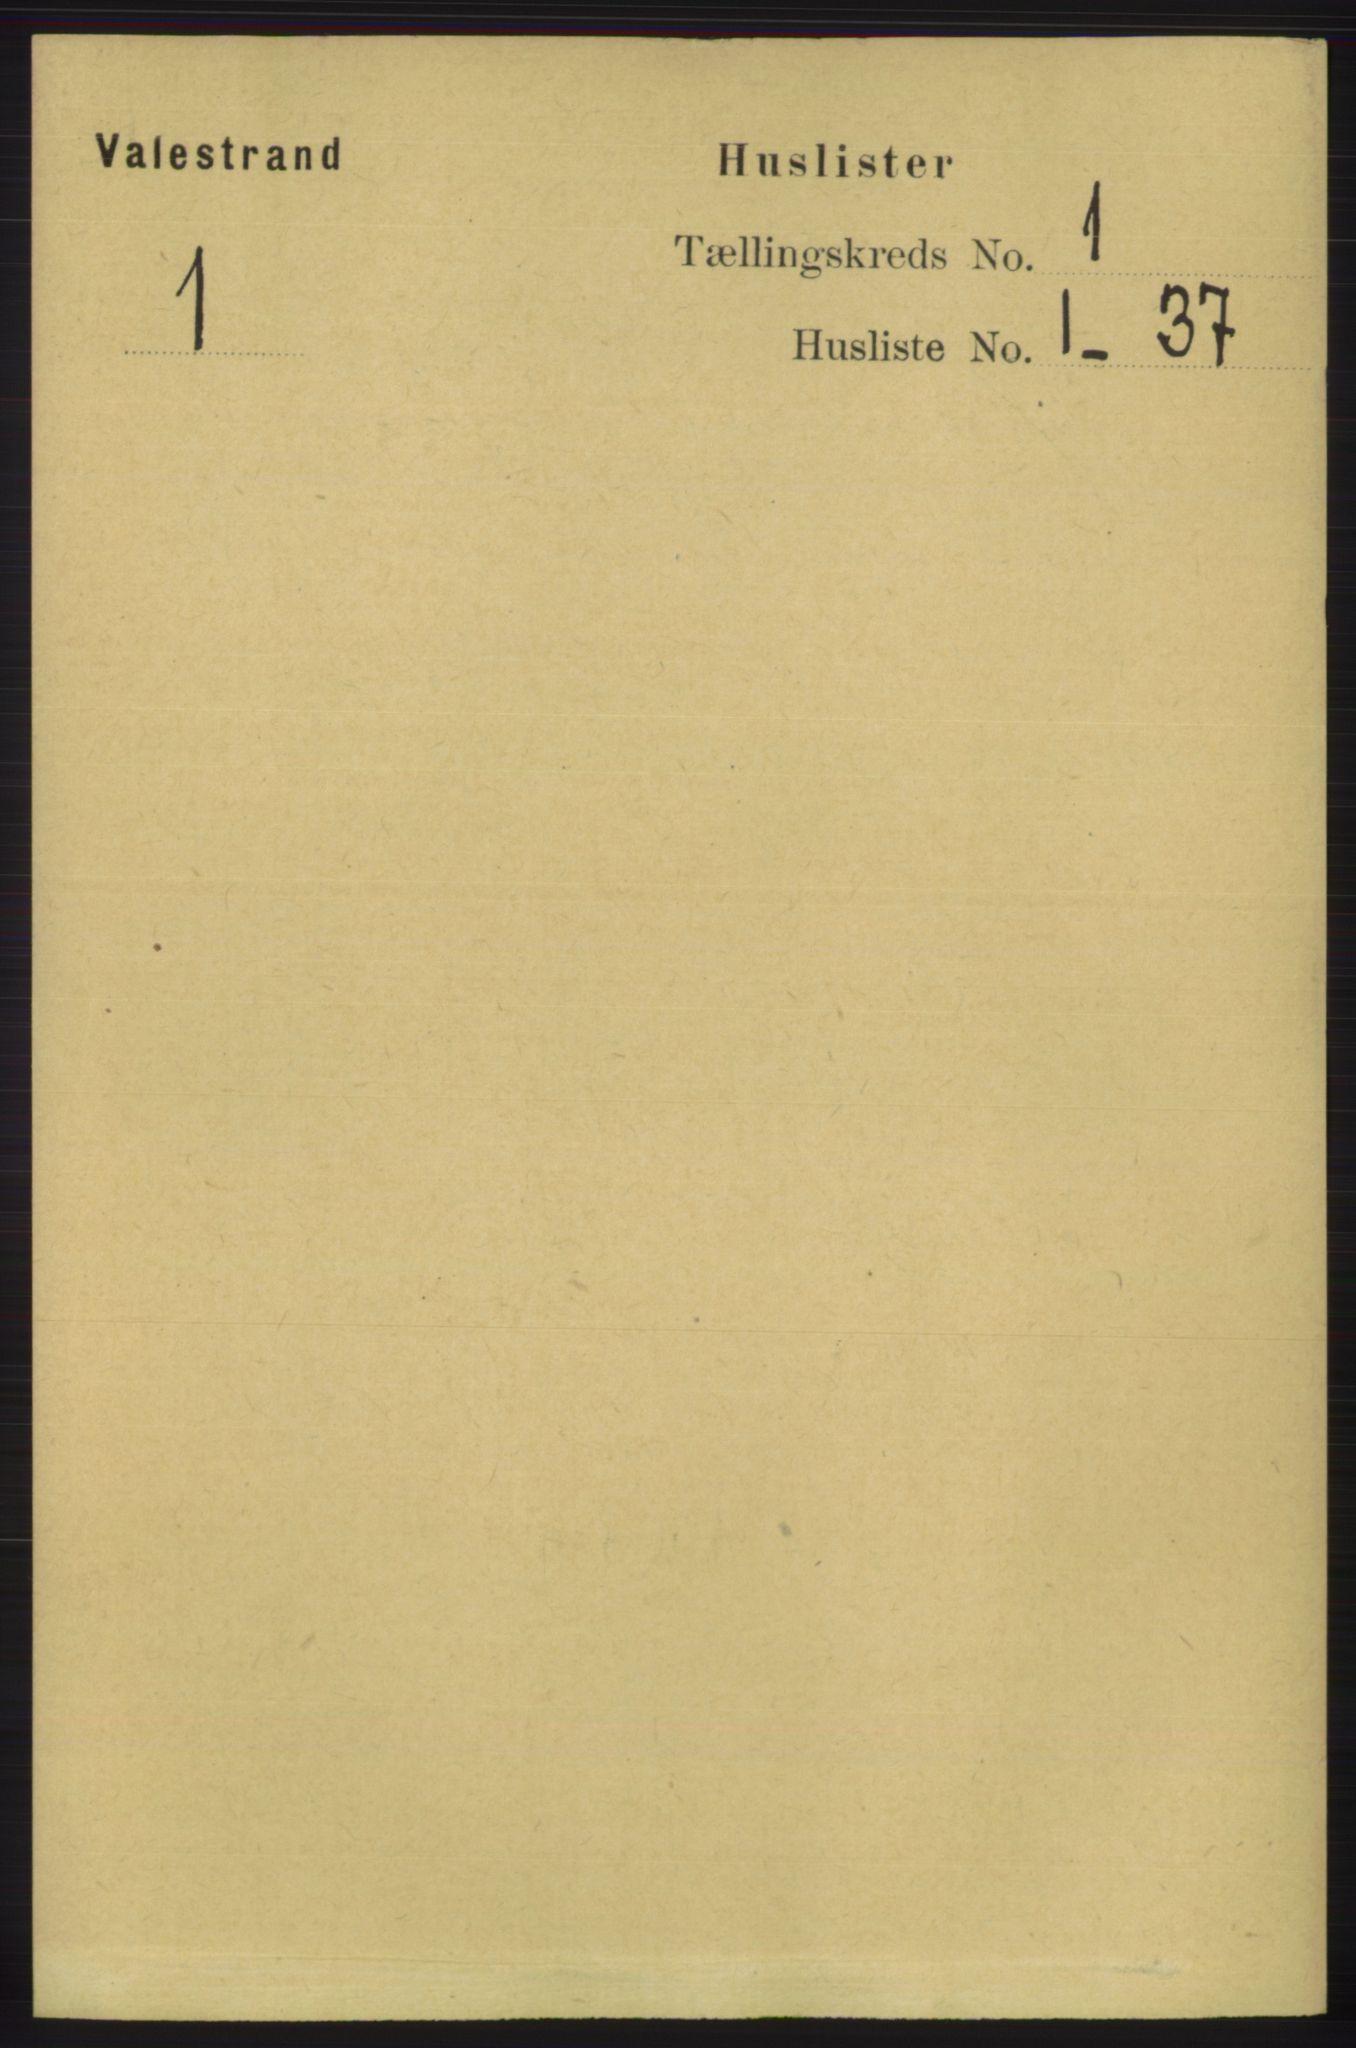 RA, Folketelling 1891 for 1217 Valestrand herred, 1891, s. 15